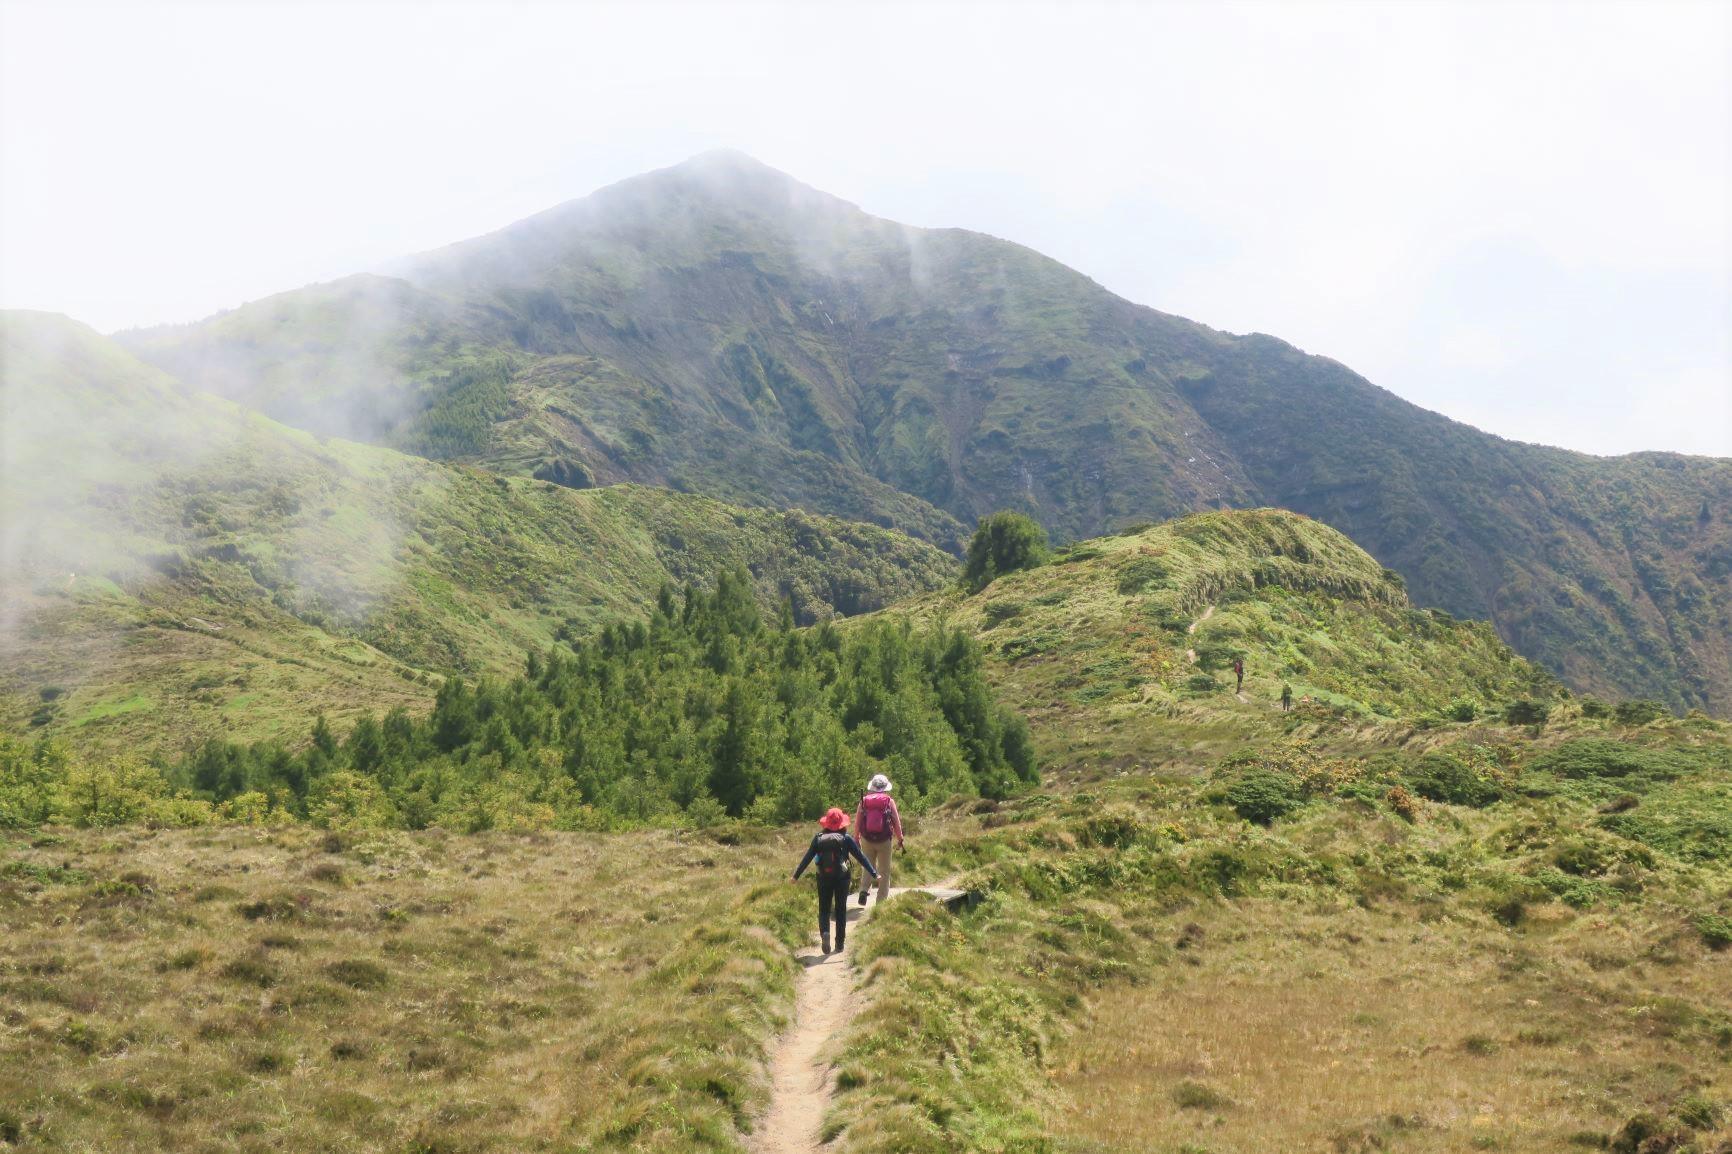 サン・ミゲル島最高峰ピコ・デ・ヴァラへ向けて(4日目)